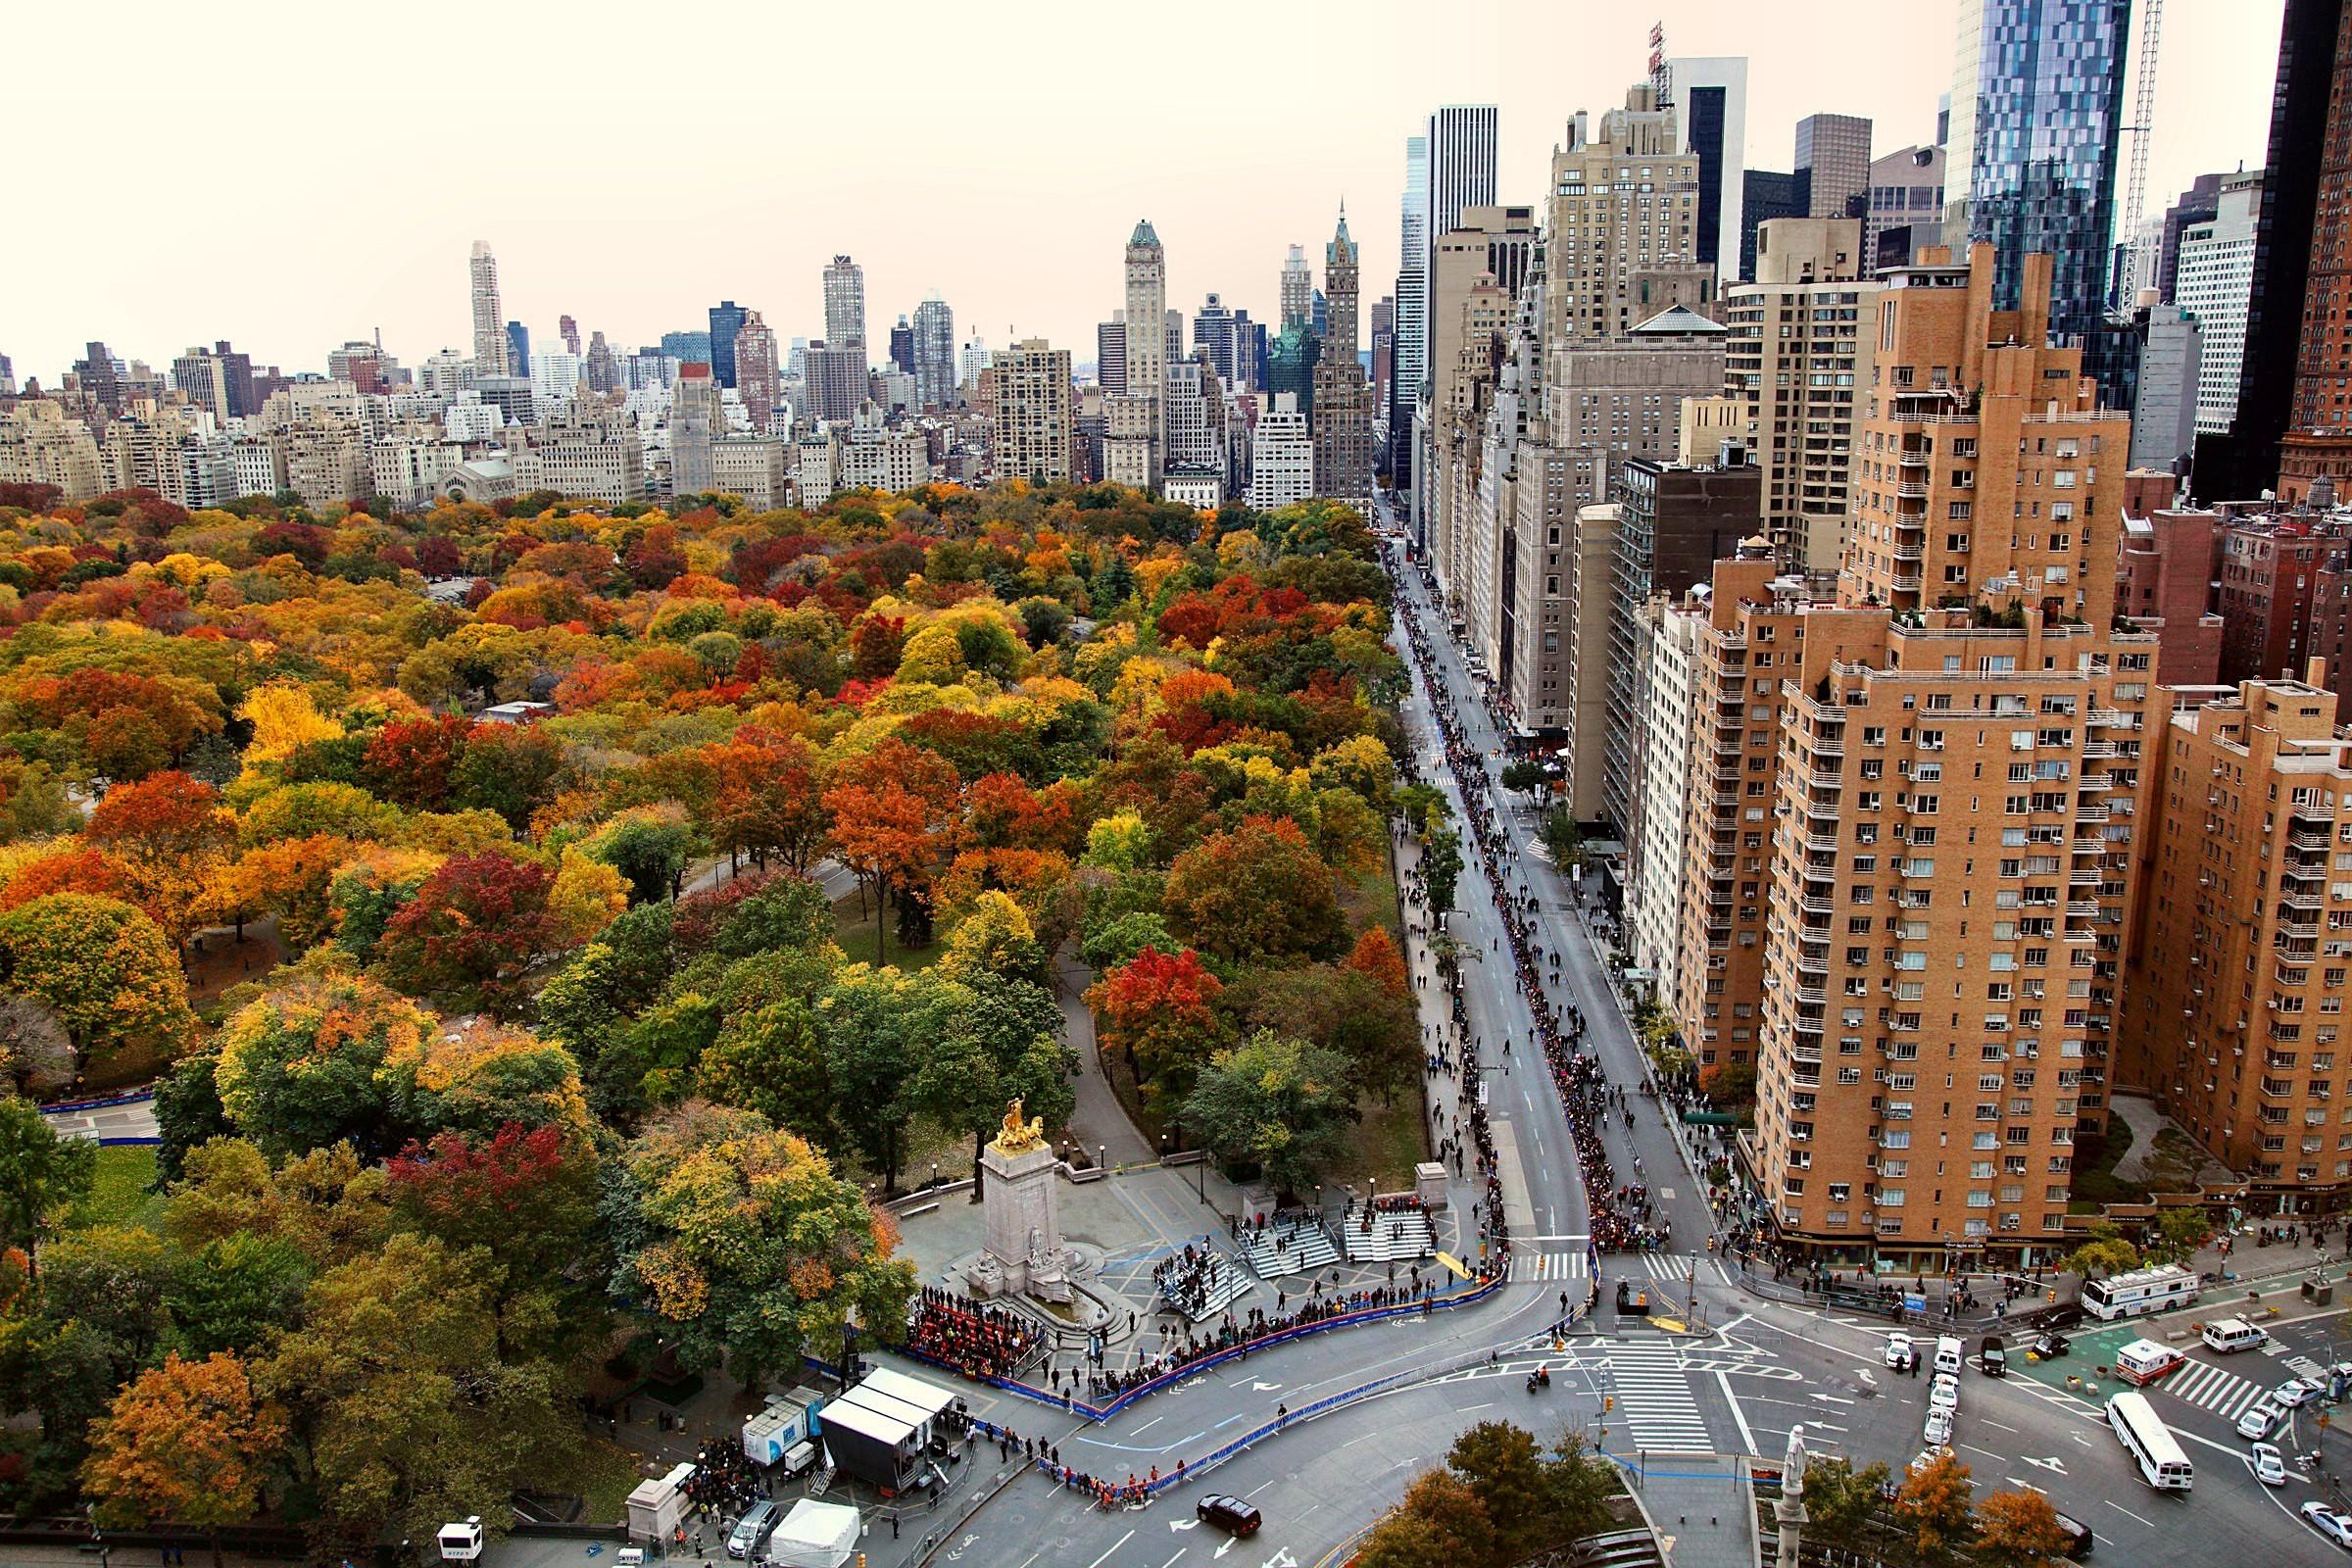 Central Park, Manhattan, New York Desktop Background